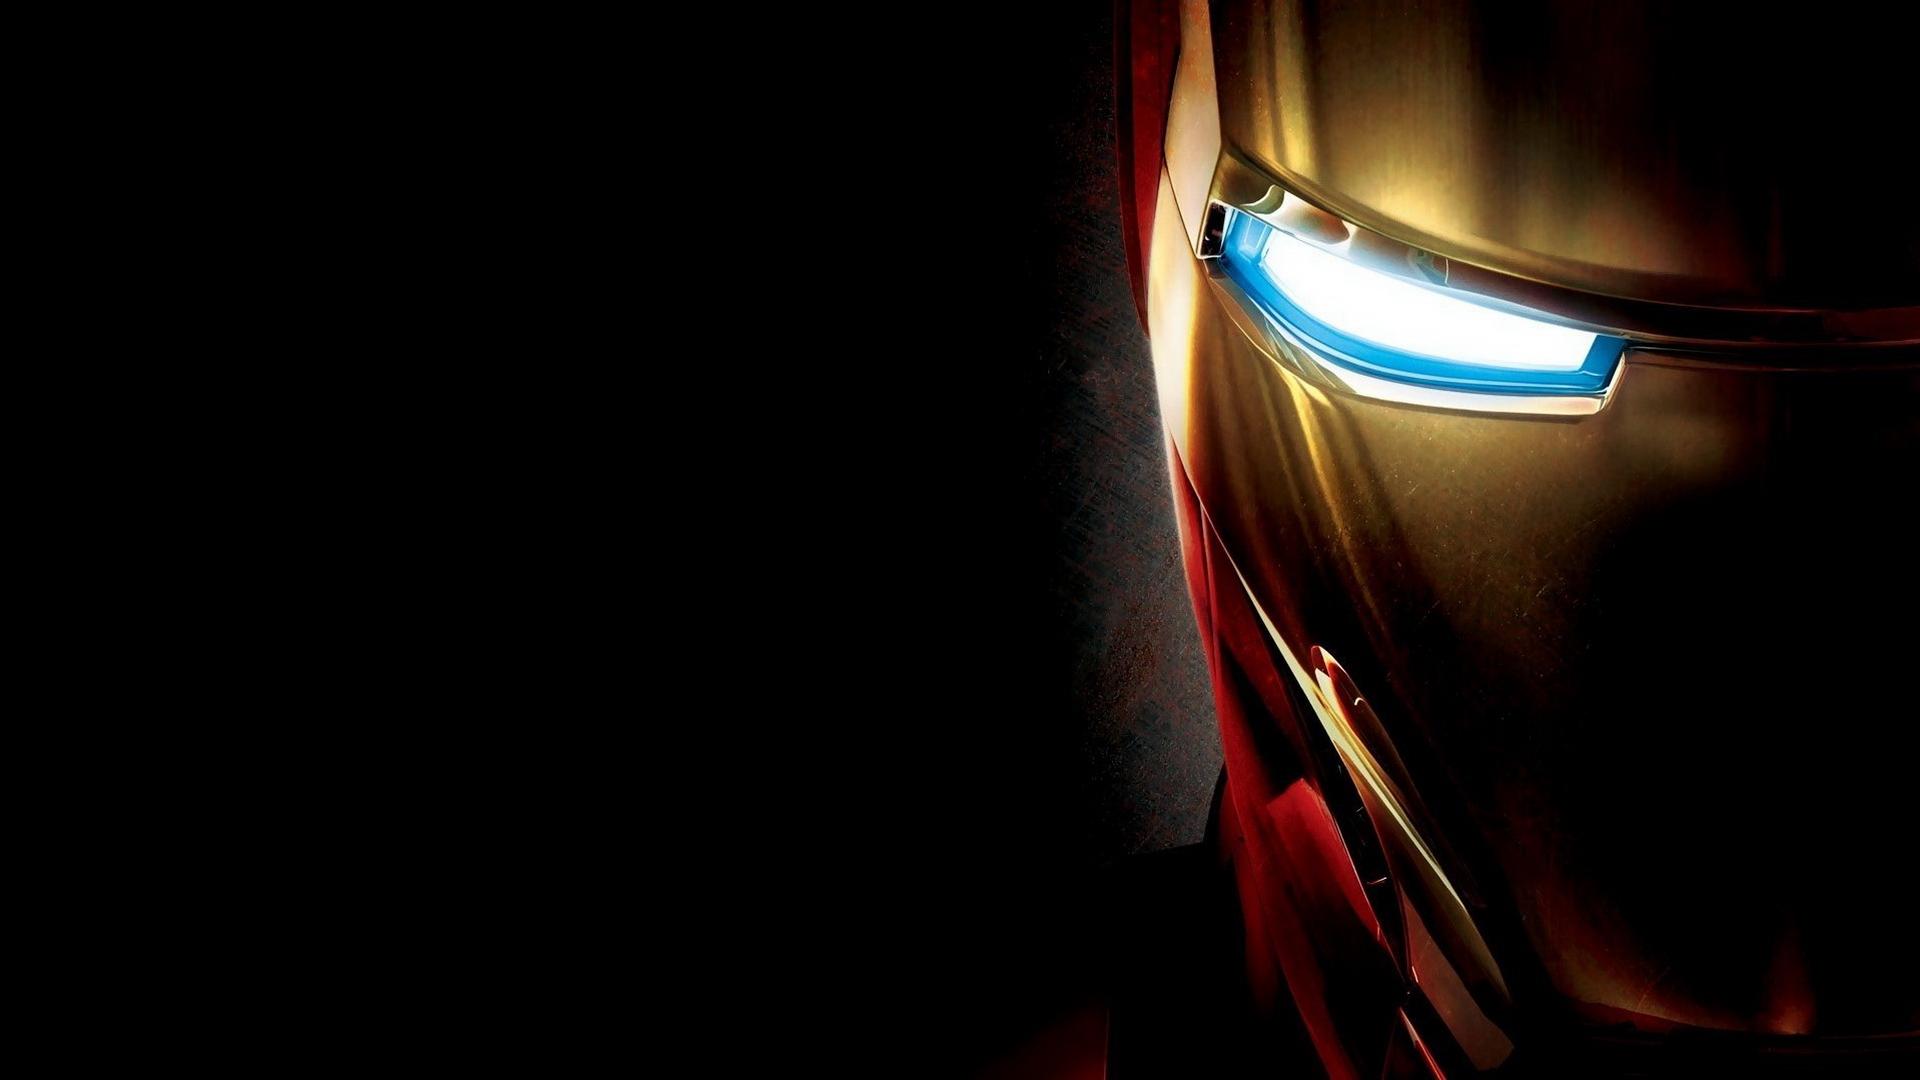 Hình nền Iron man đen